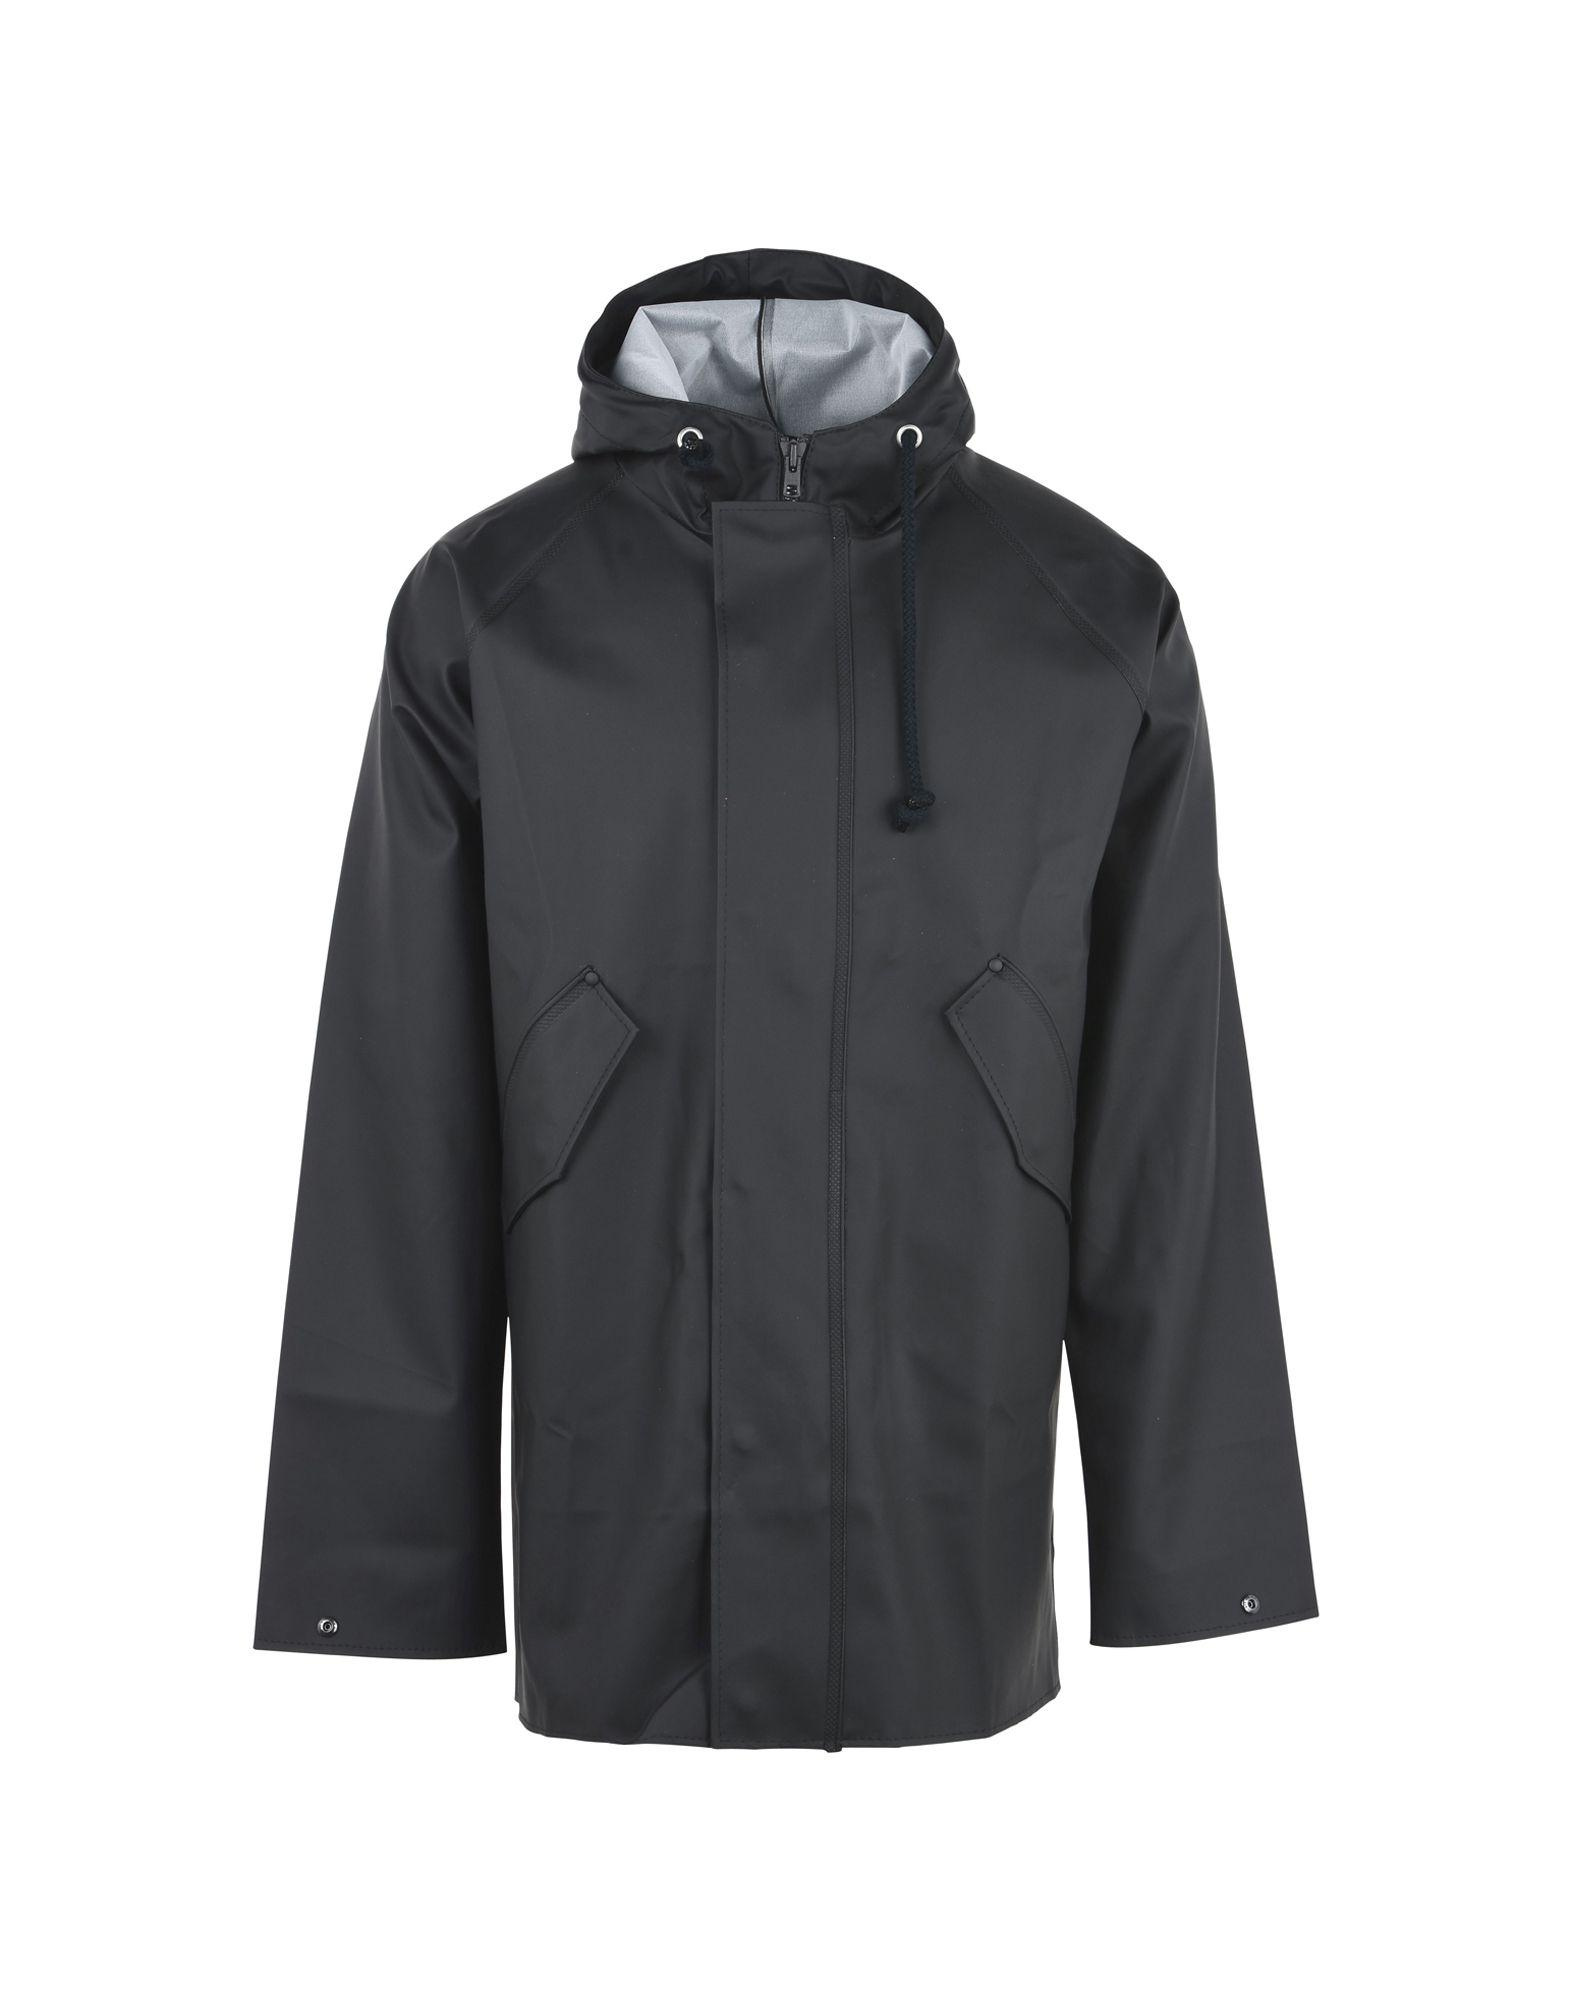 Elka Full-length Jacket In Steel Grey